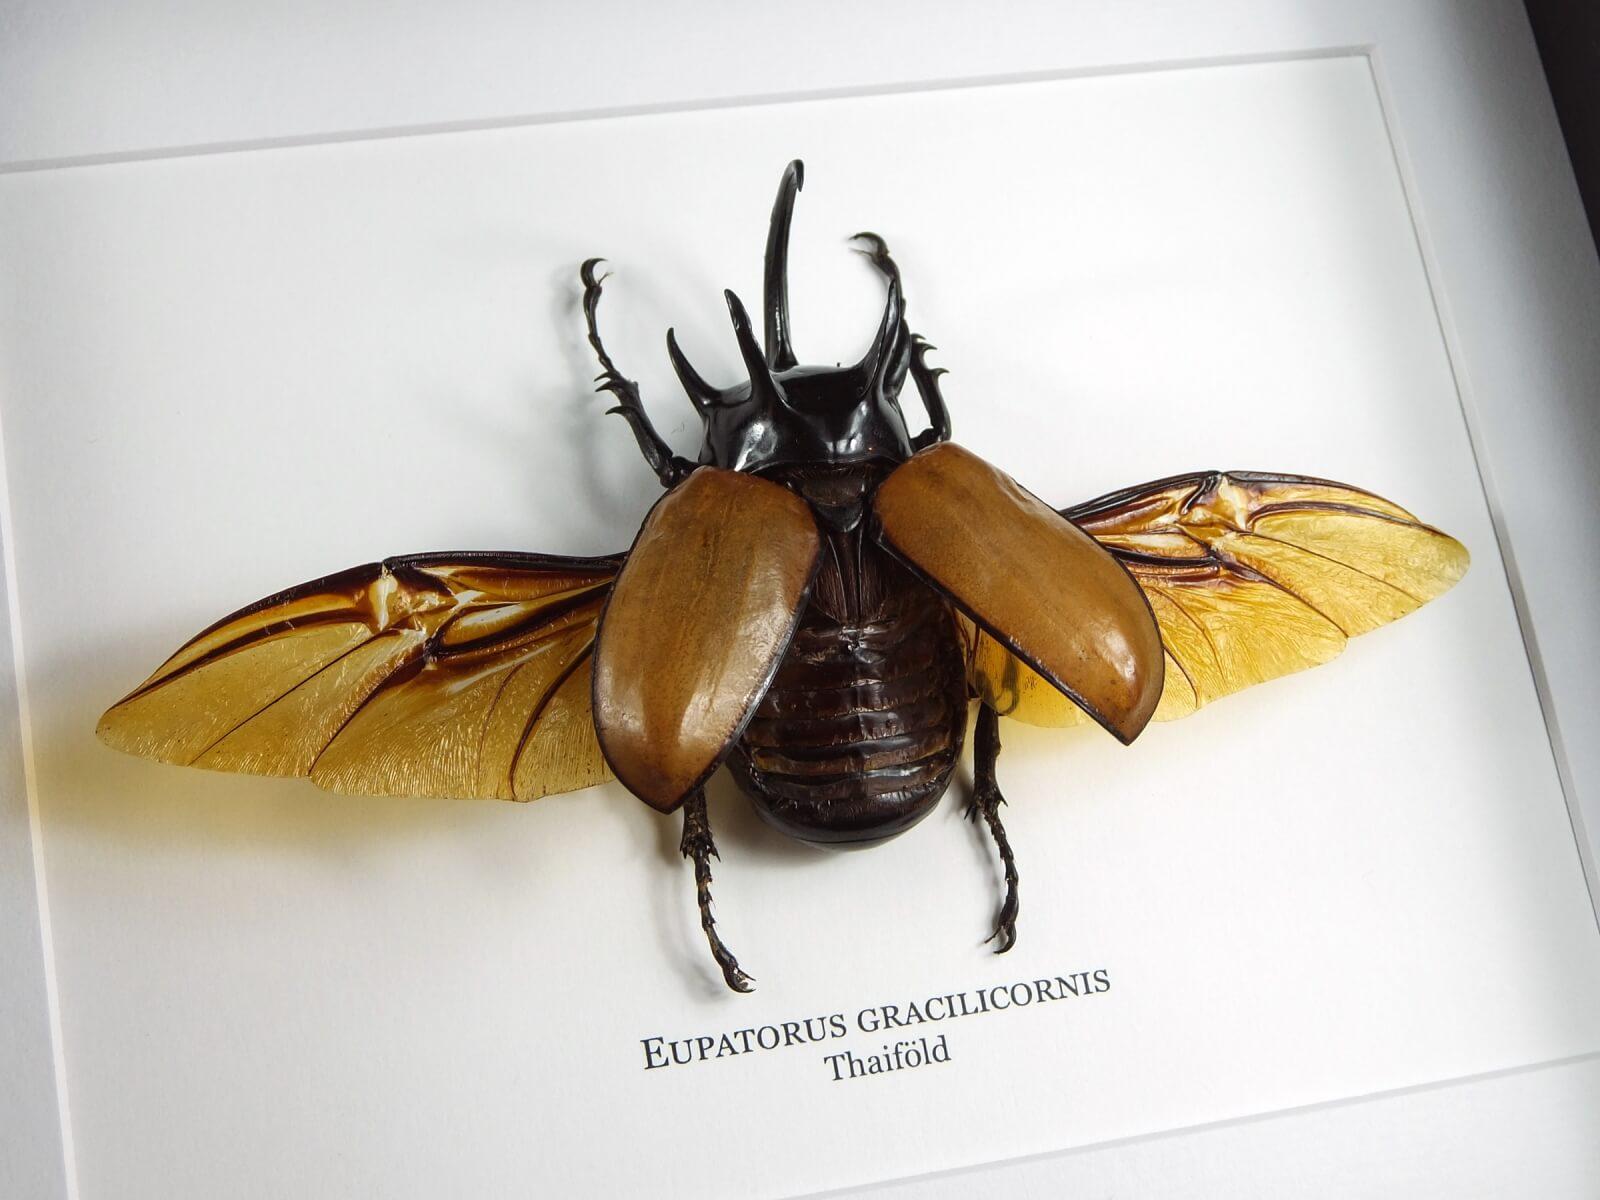 Eupatorus gracilicornis, fekete keretben | #1855